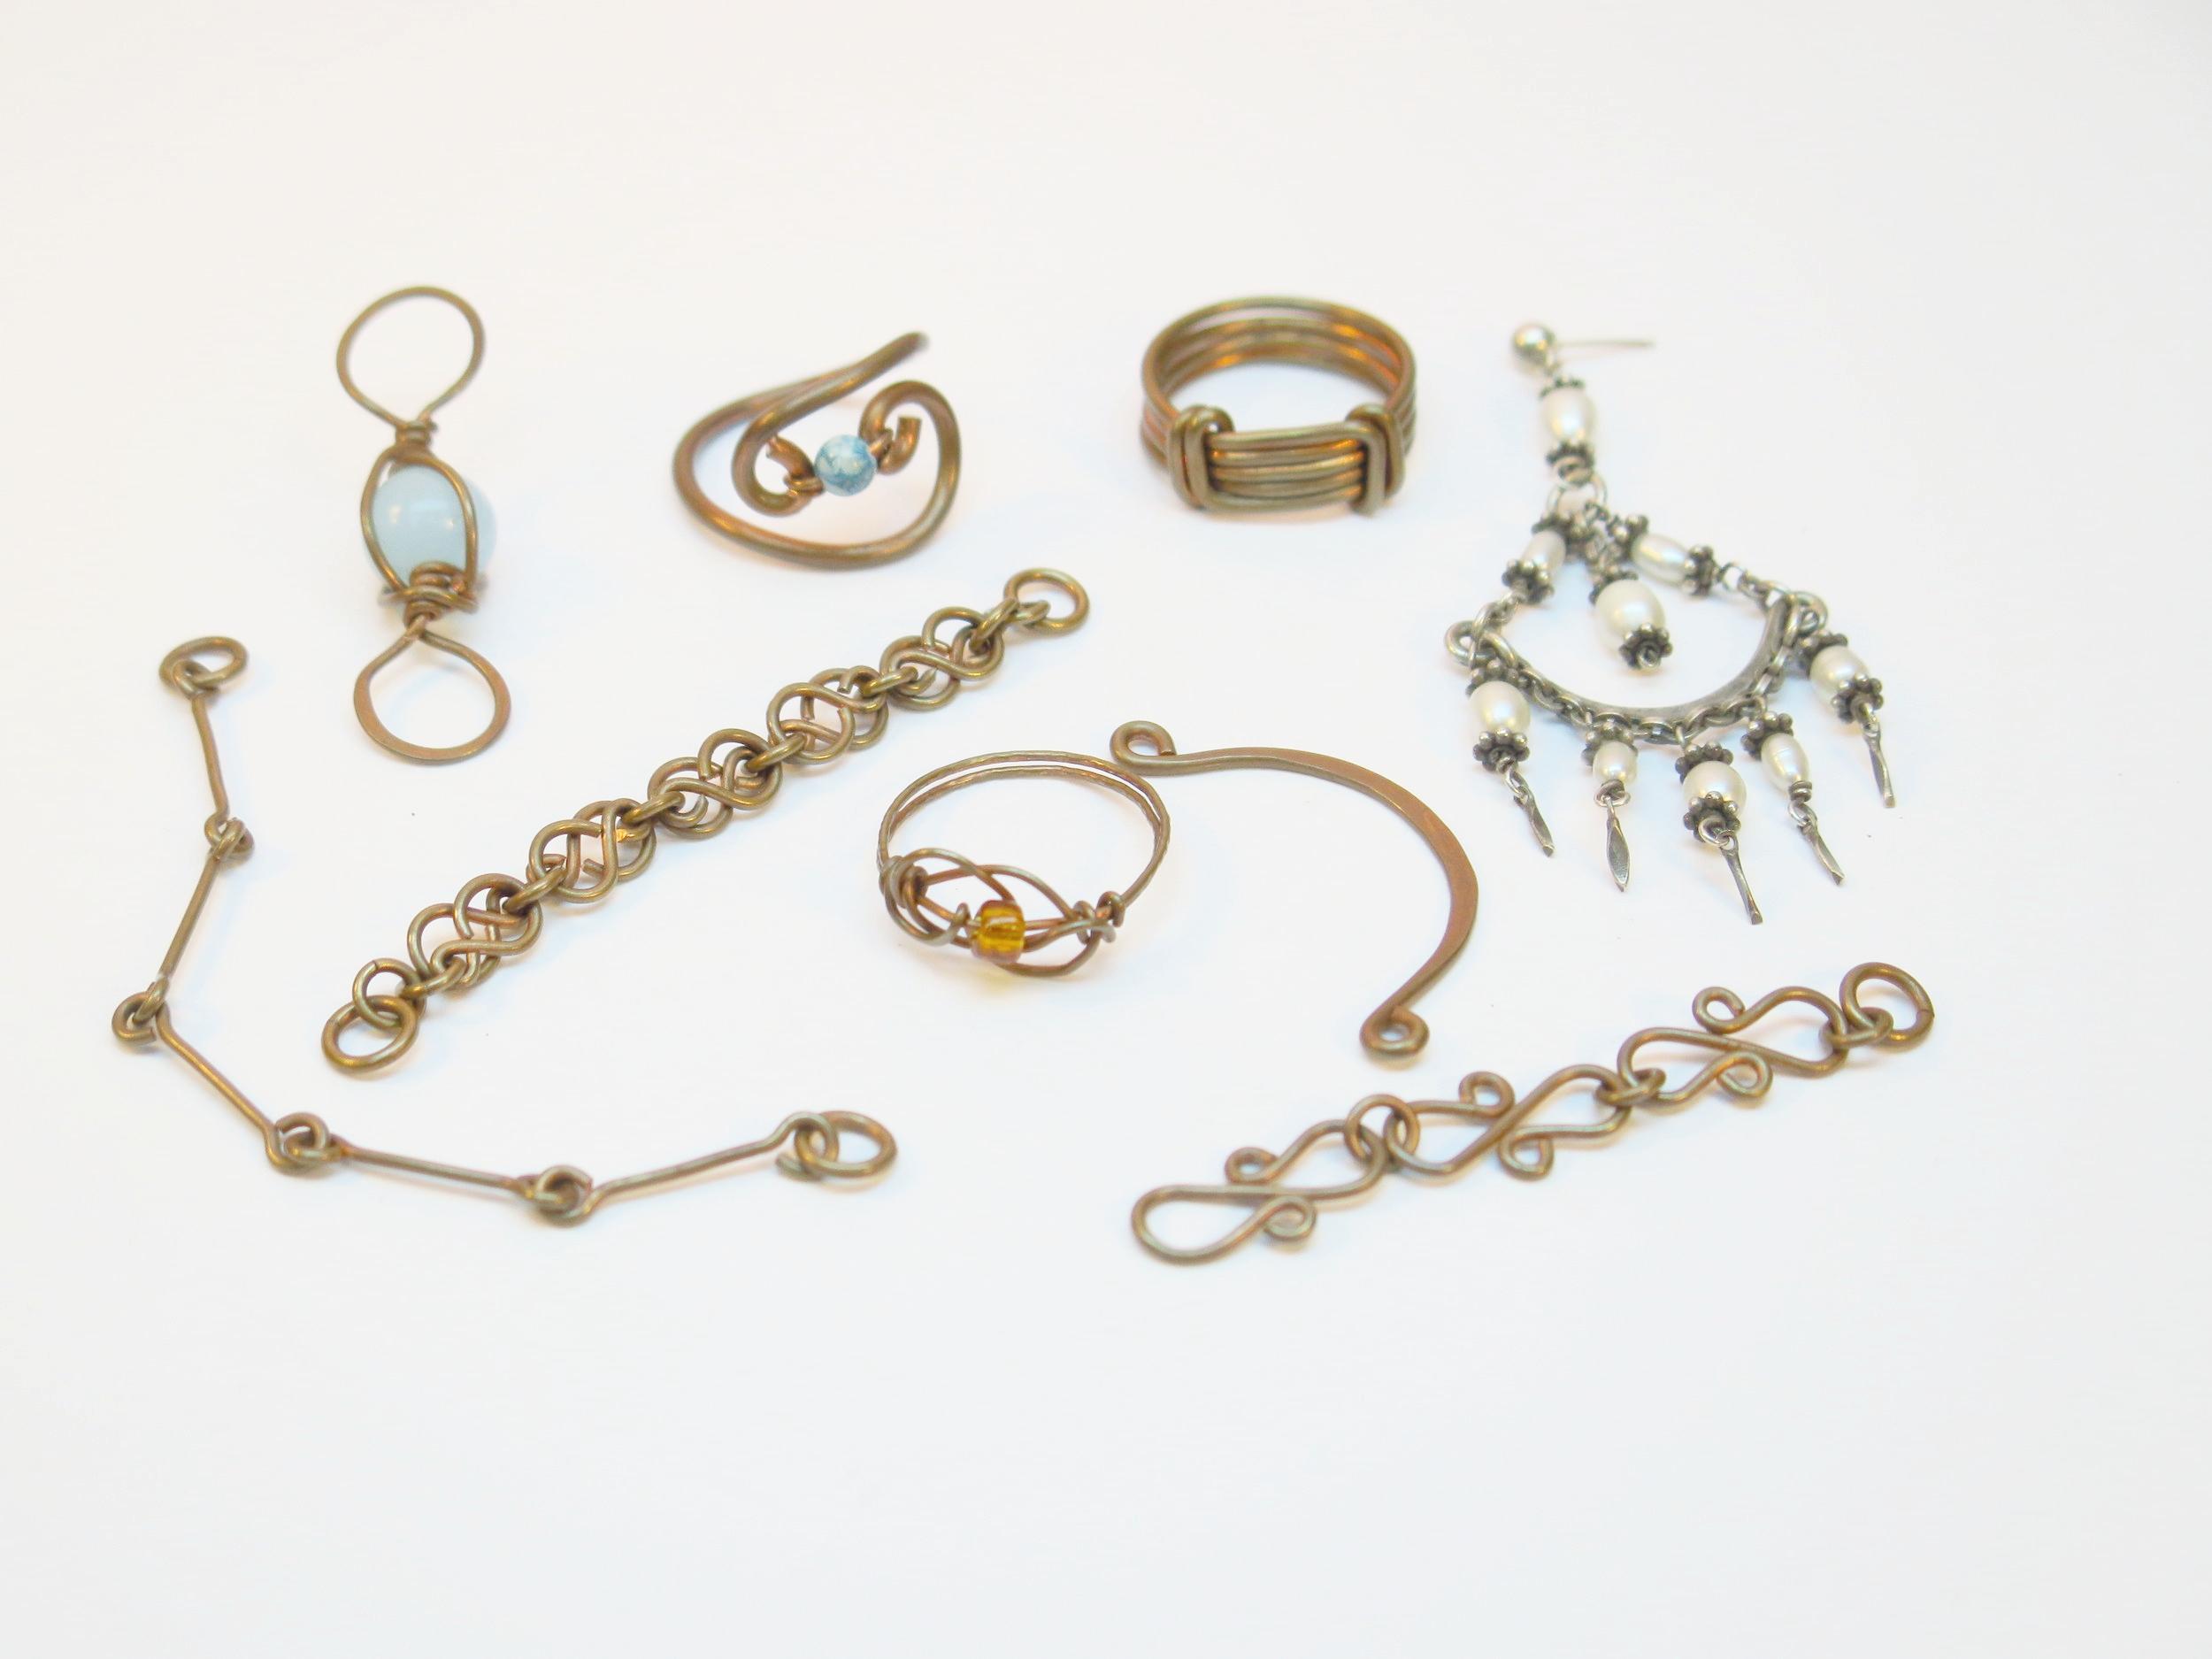 Jewelry Creations Workshop — Jewelry Creations Workshop, Miami School